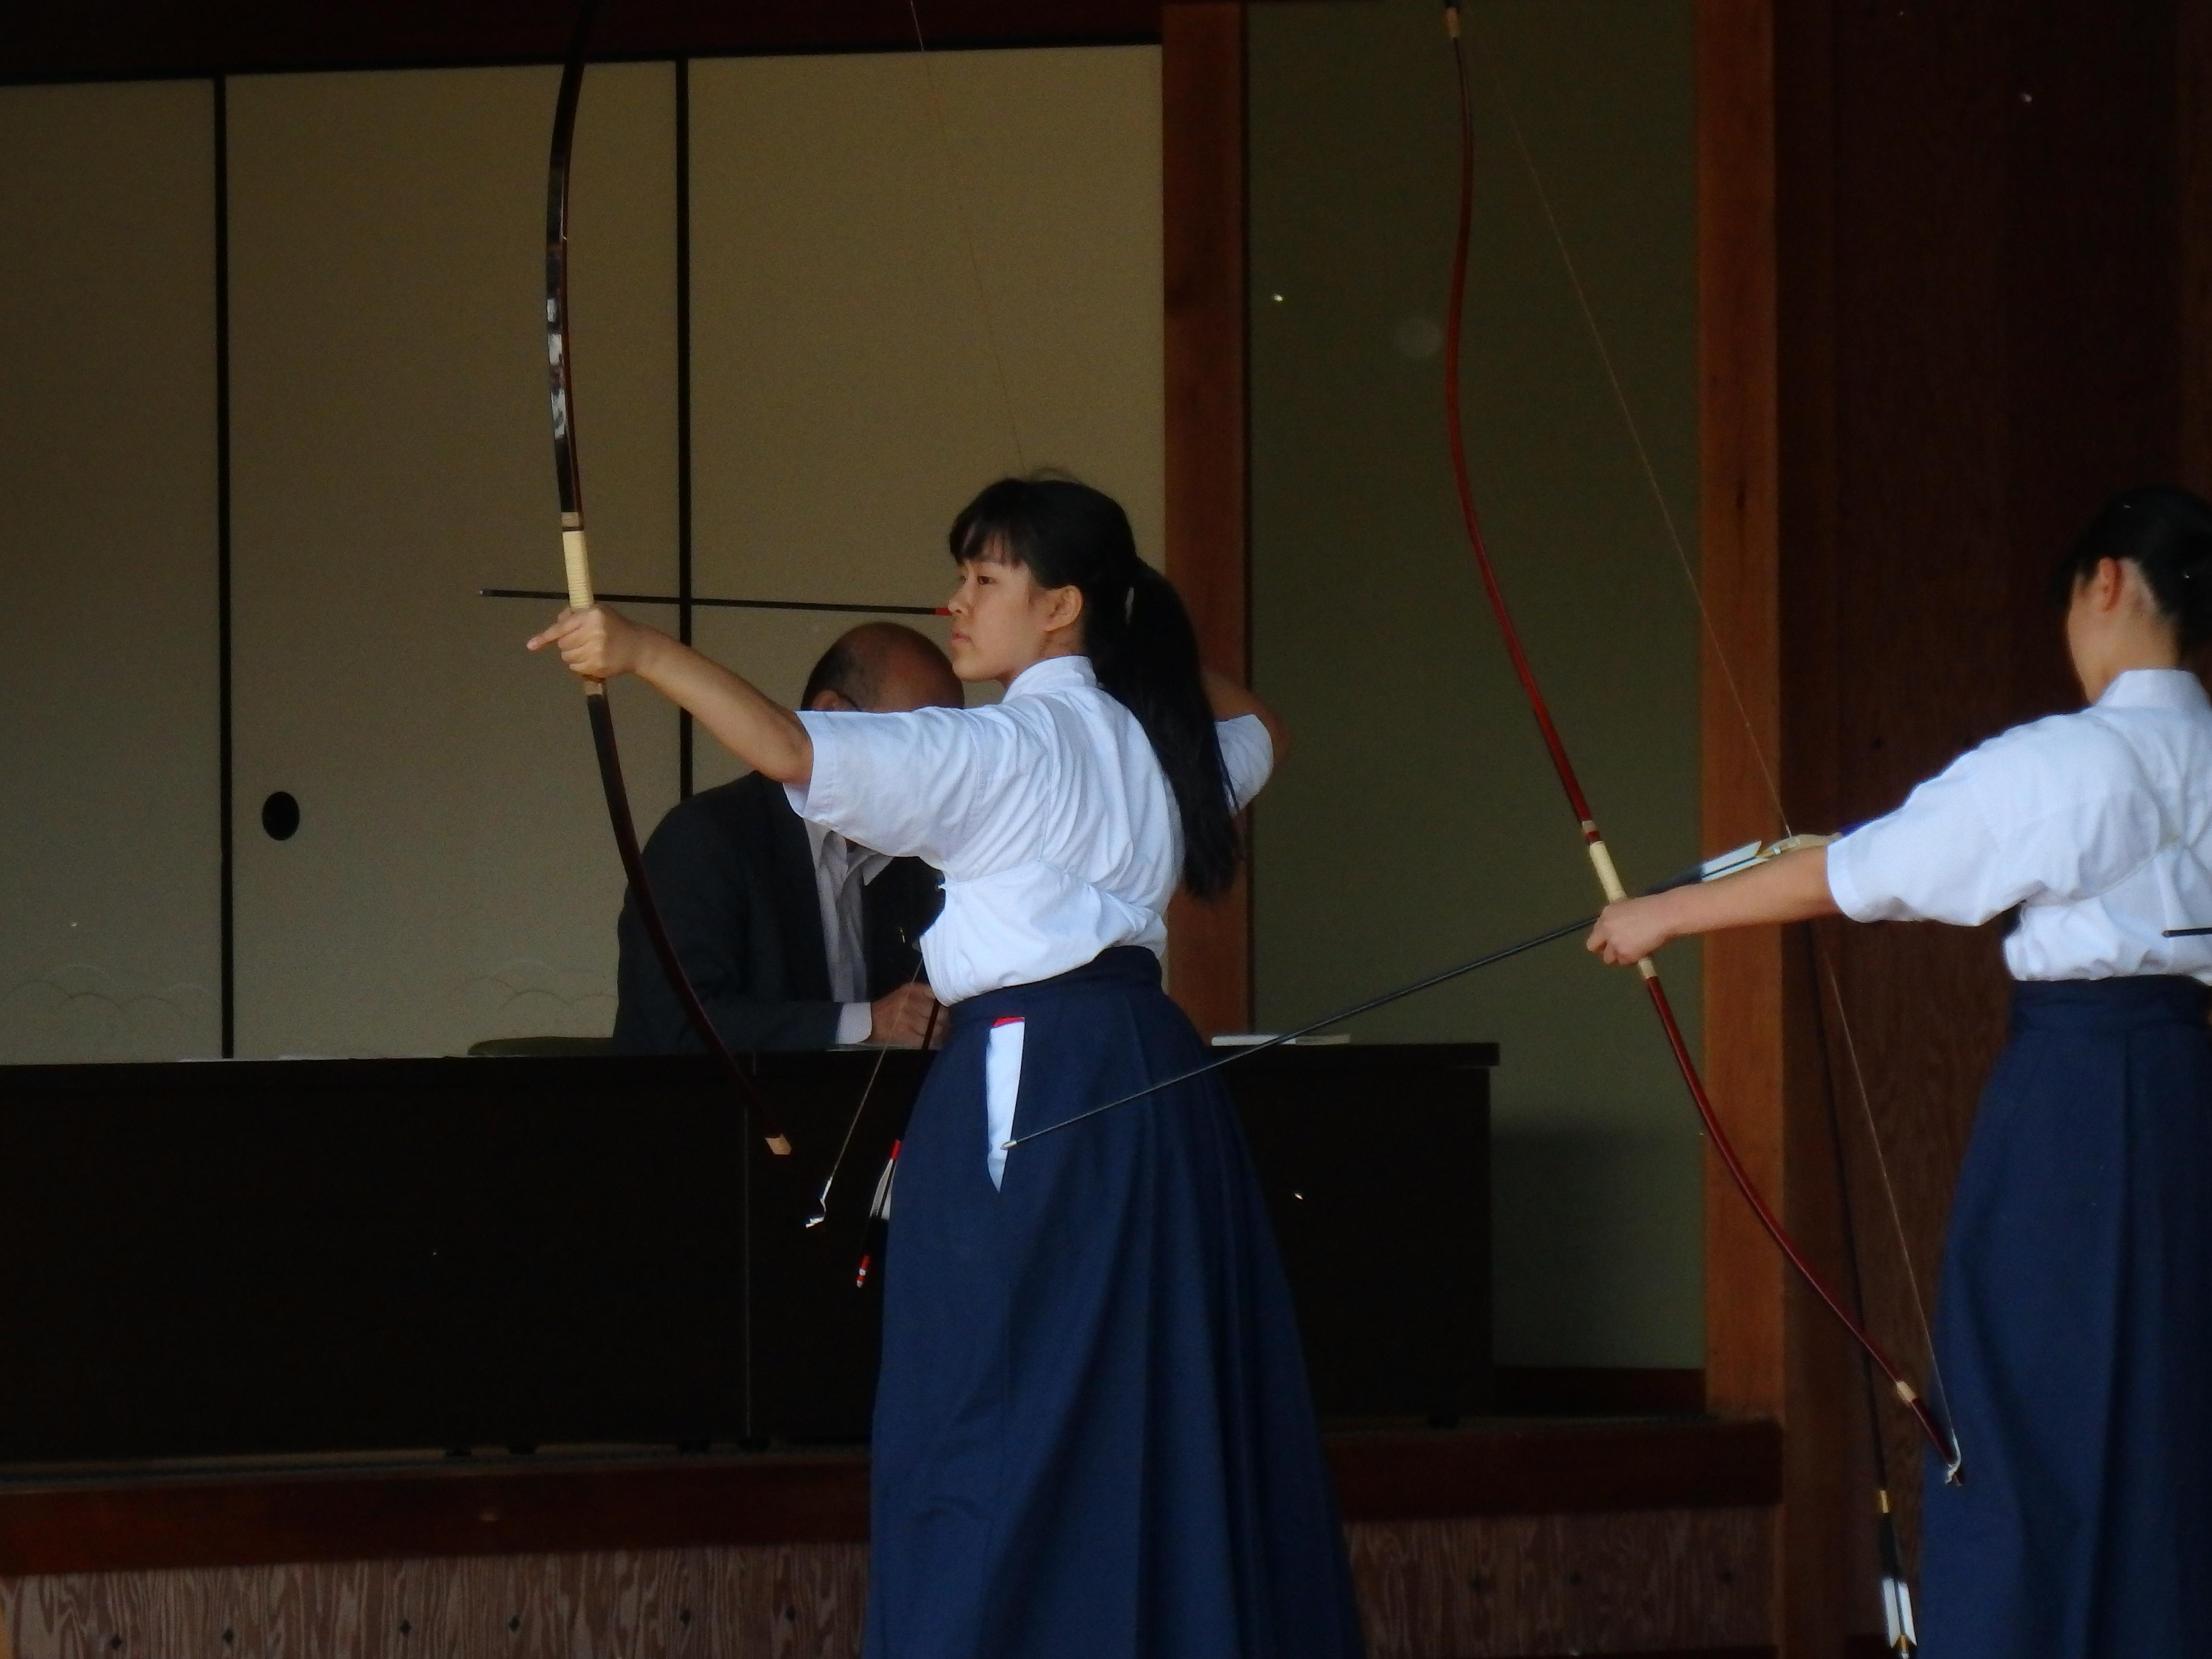 第34回全国高等学校弓道選抜大会...